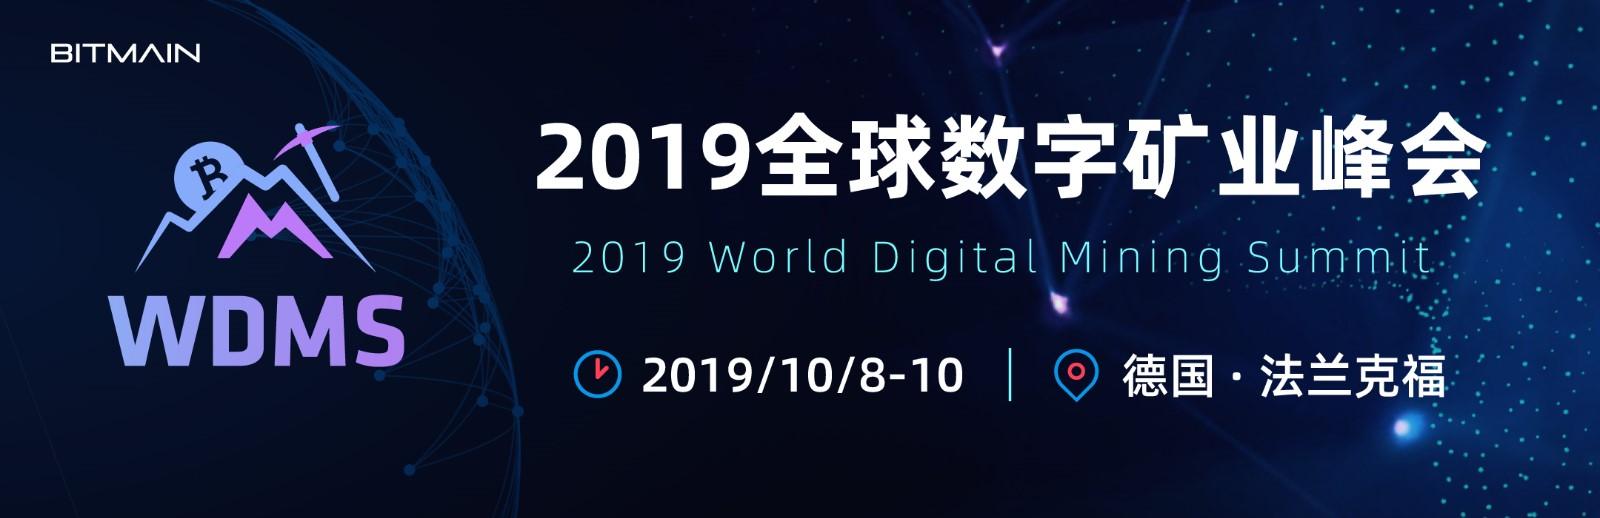 第二届全球数字矿业峰会World